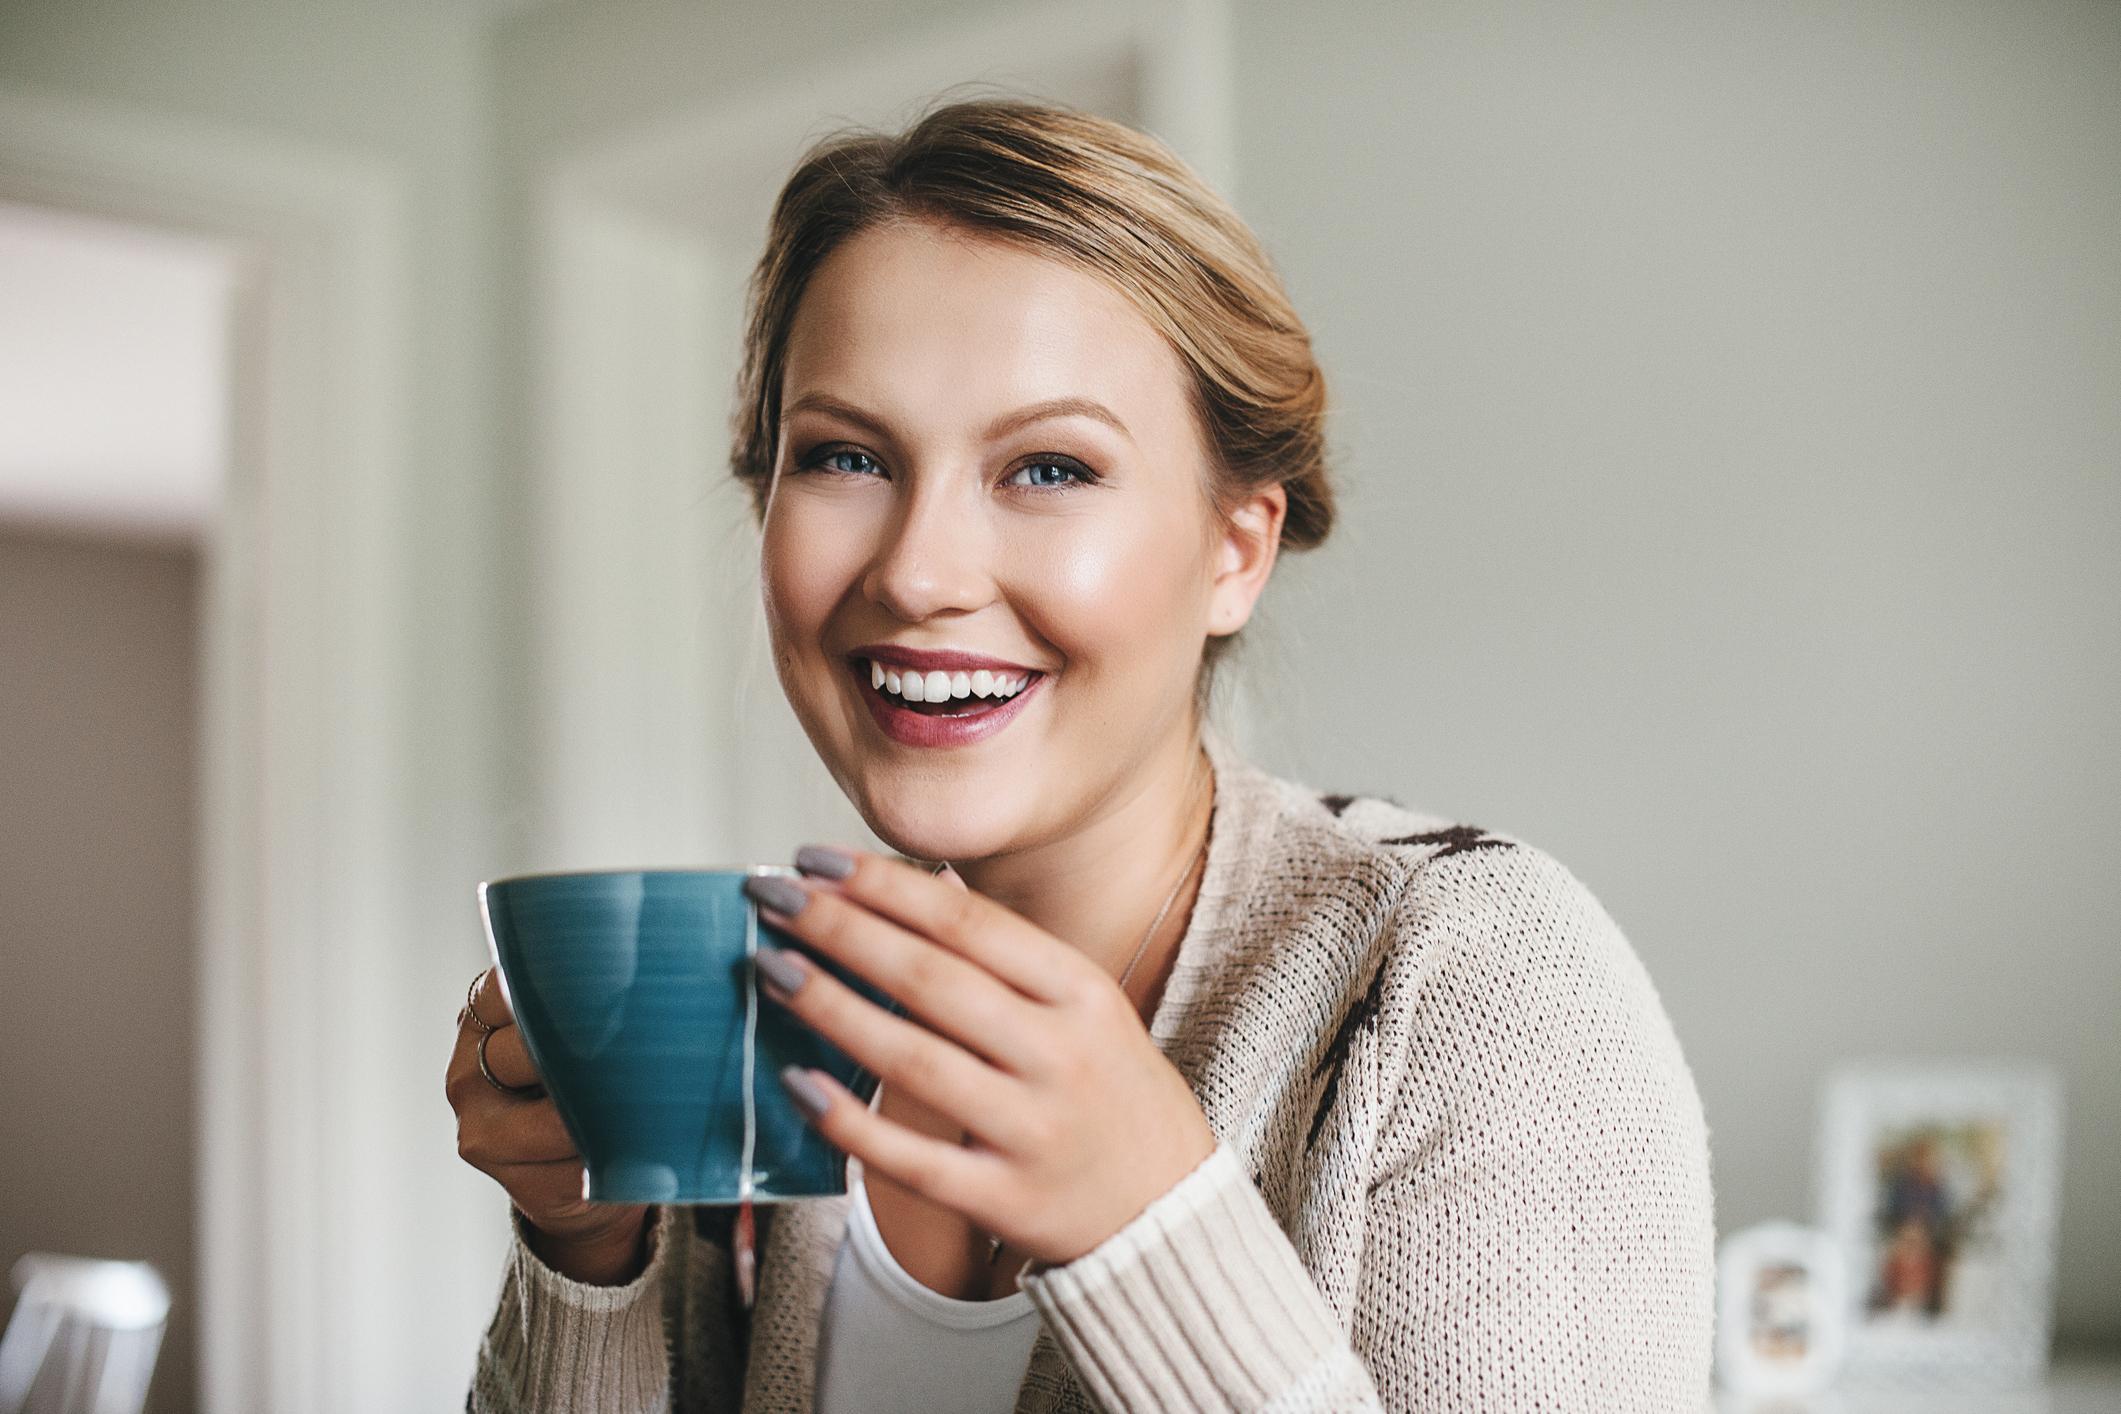 Чаи для похудения: 10 чаев для снижения веса